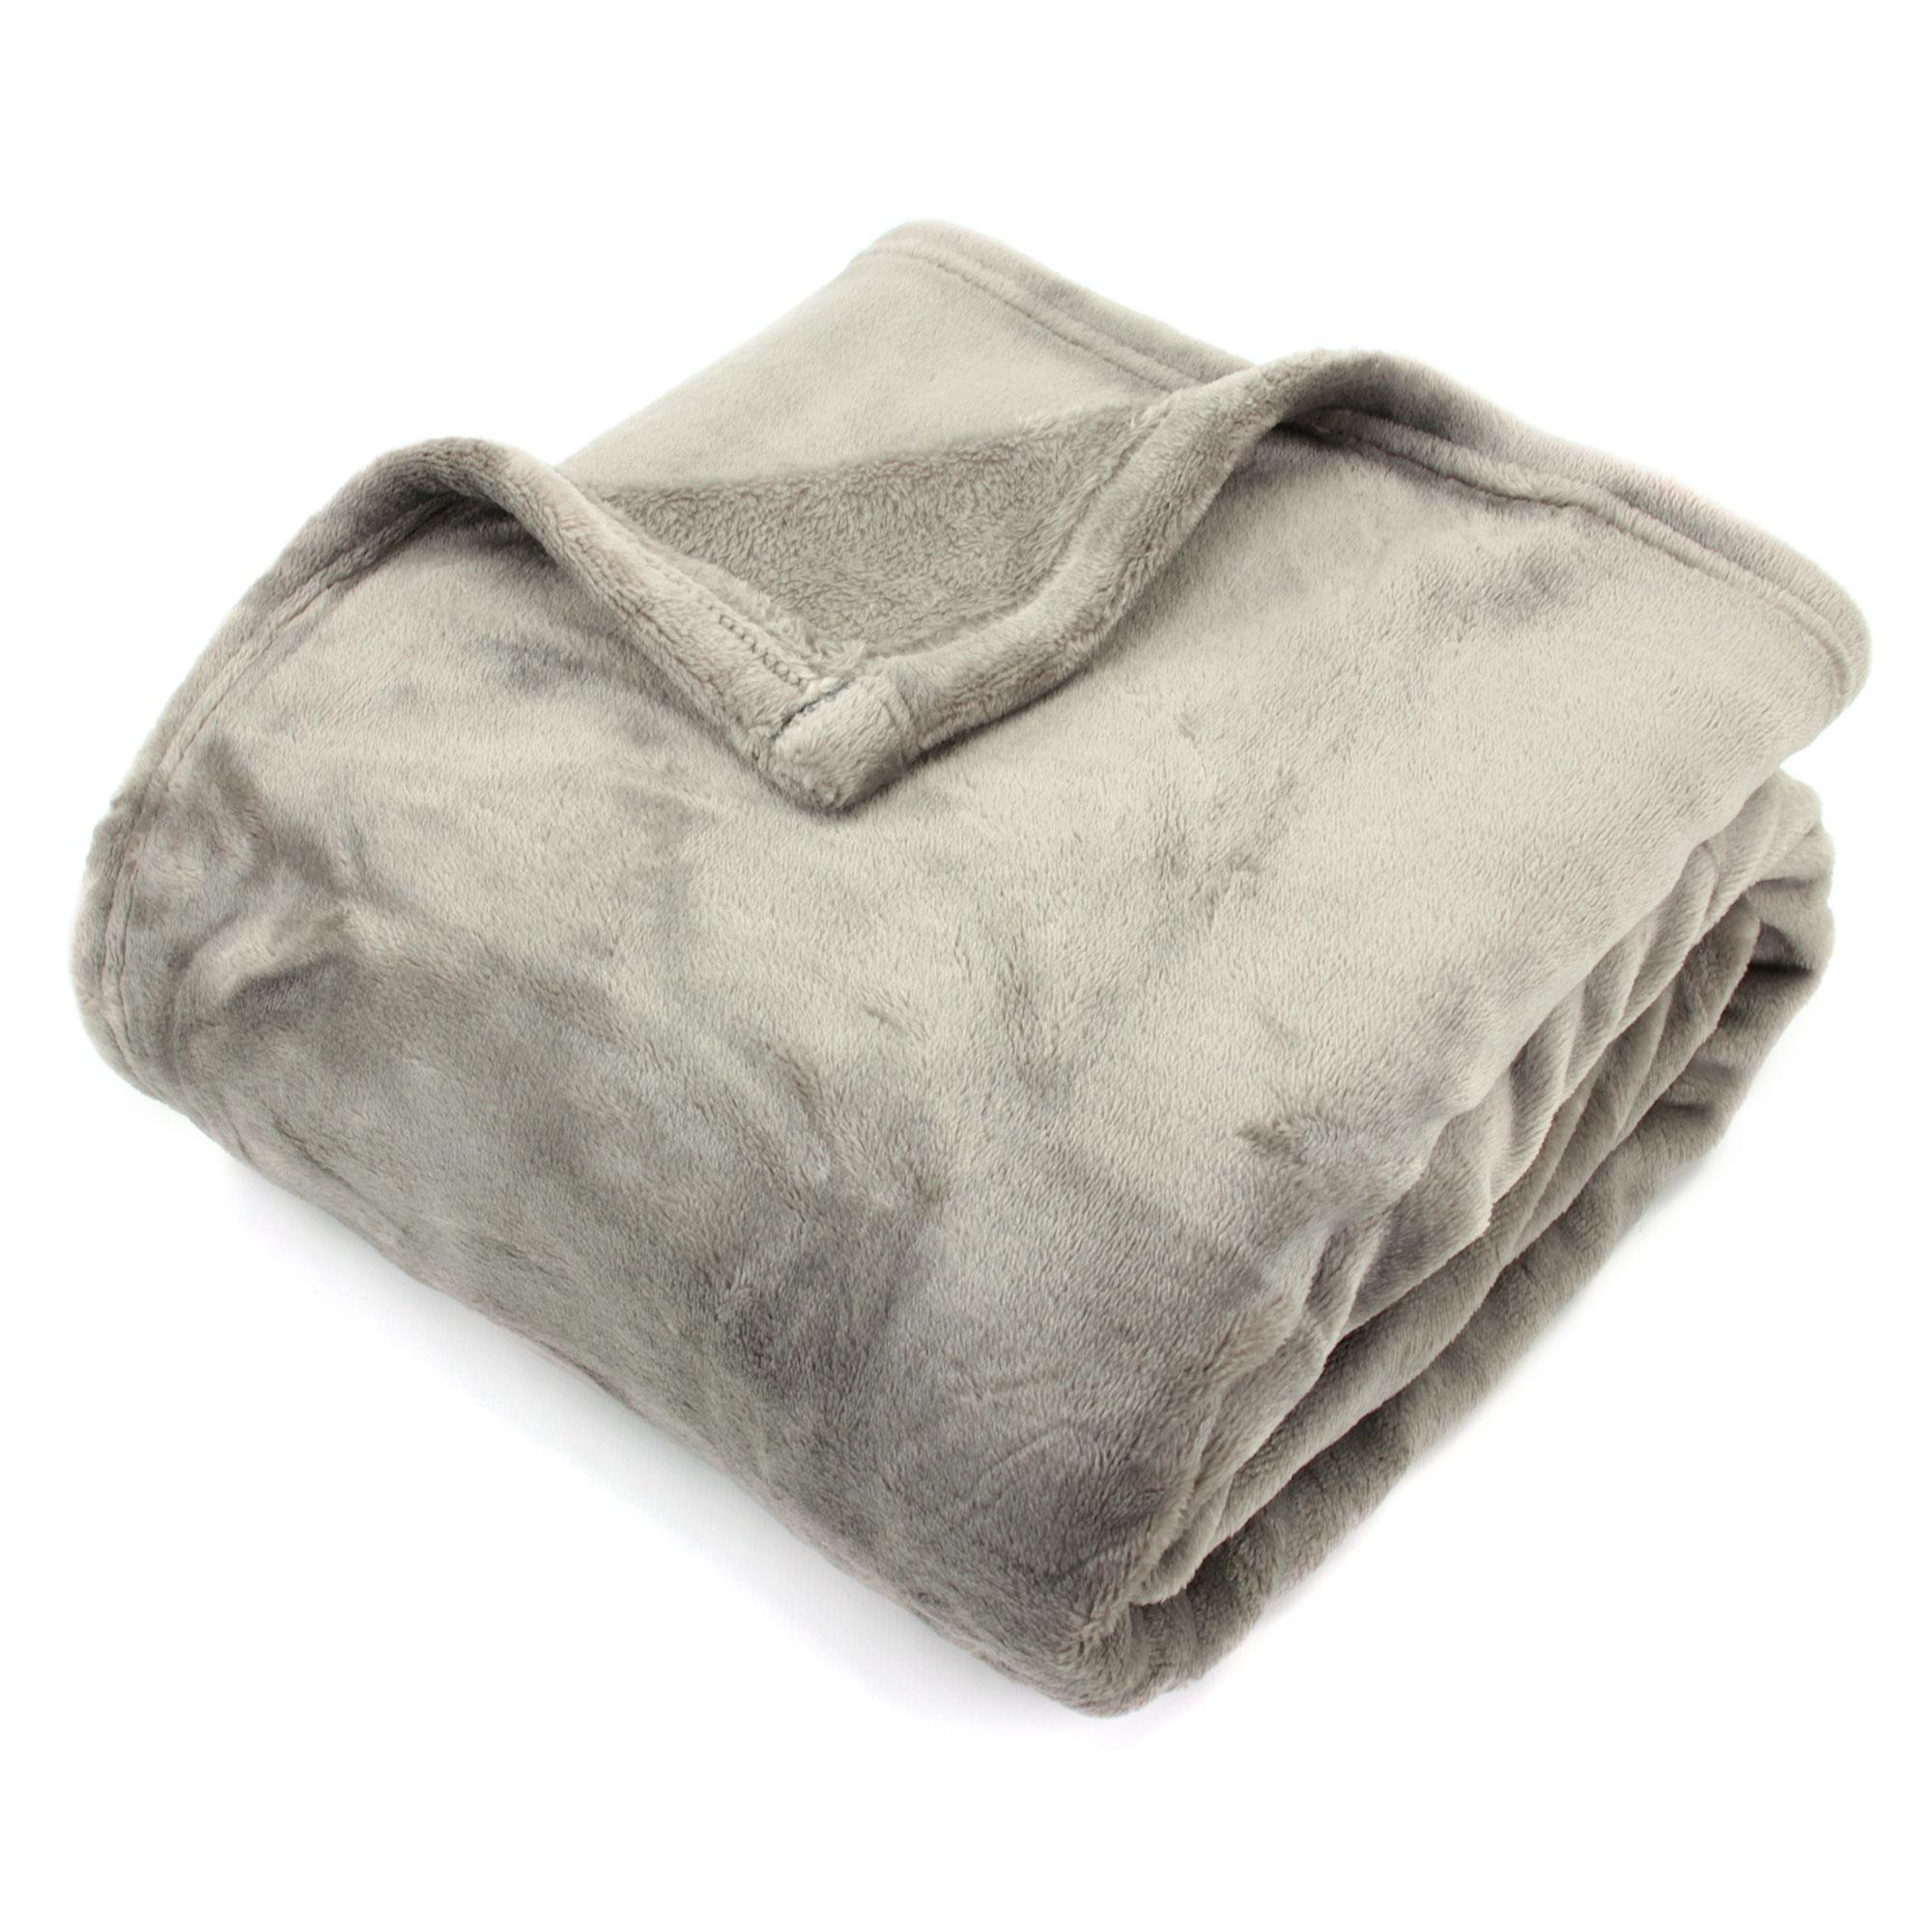 linge de lit polaire Plaid microfibre 150x200 cm VELVET taupe | Linnea, linge de maison  linge de lit polaire